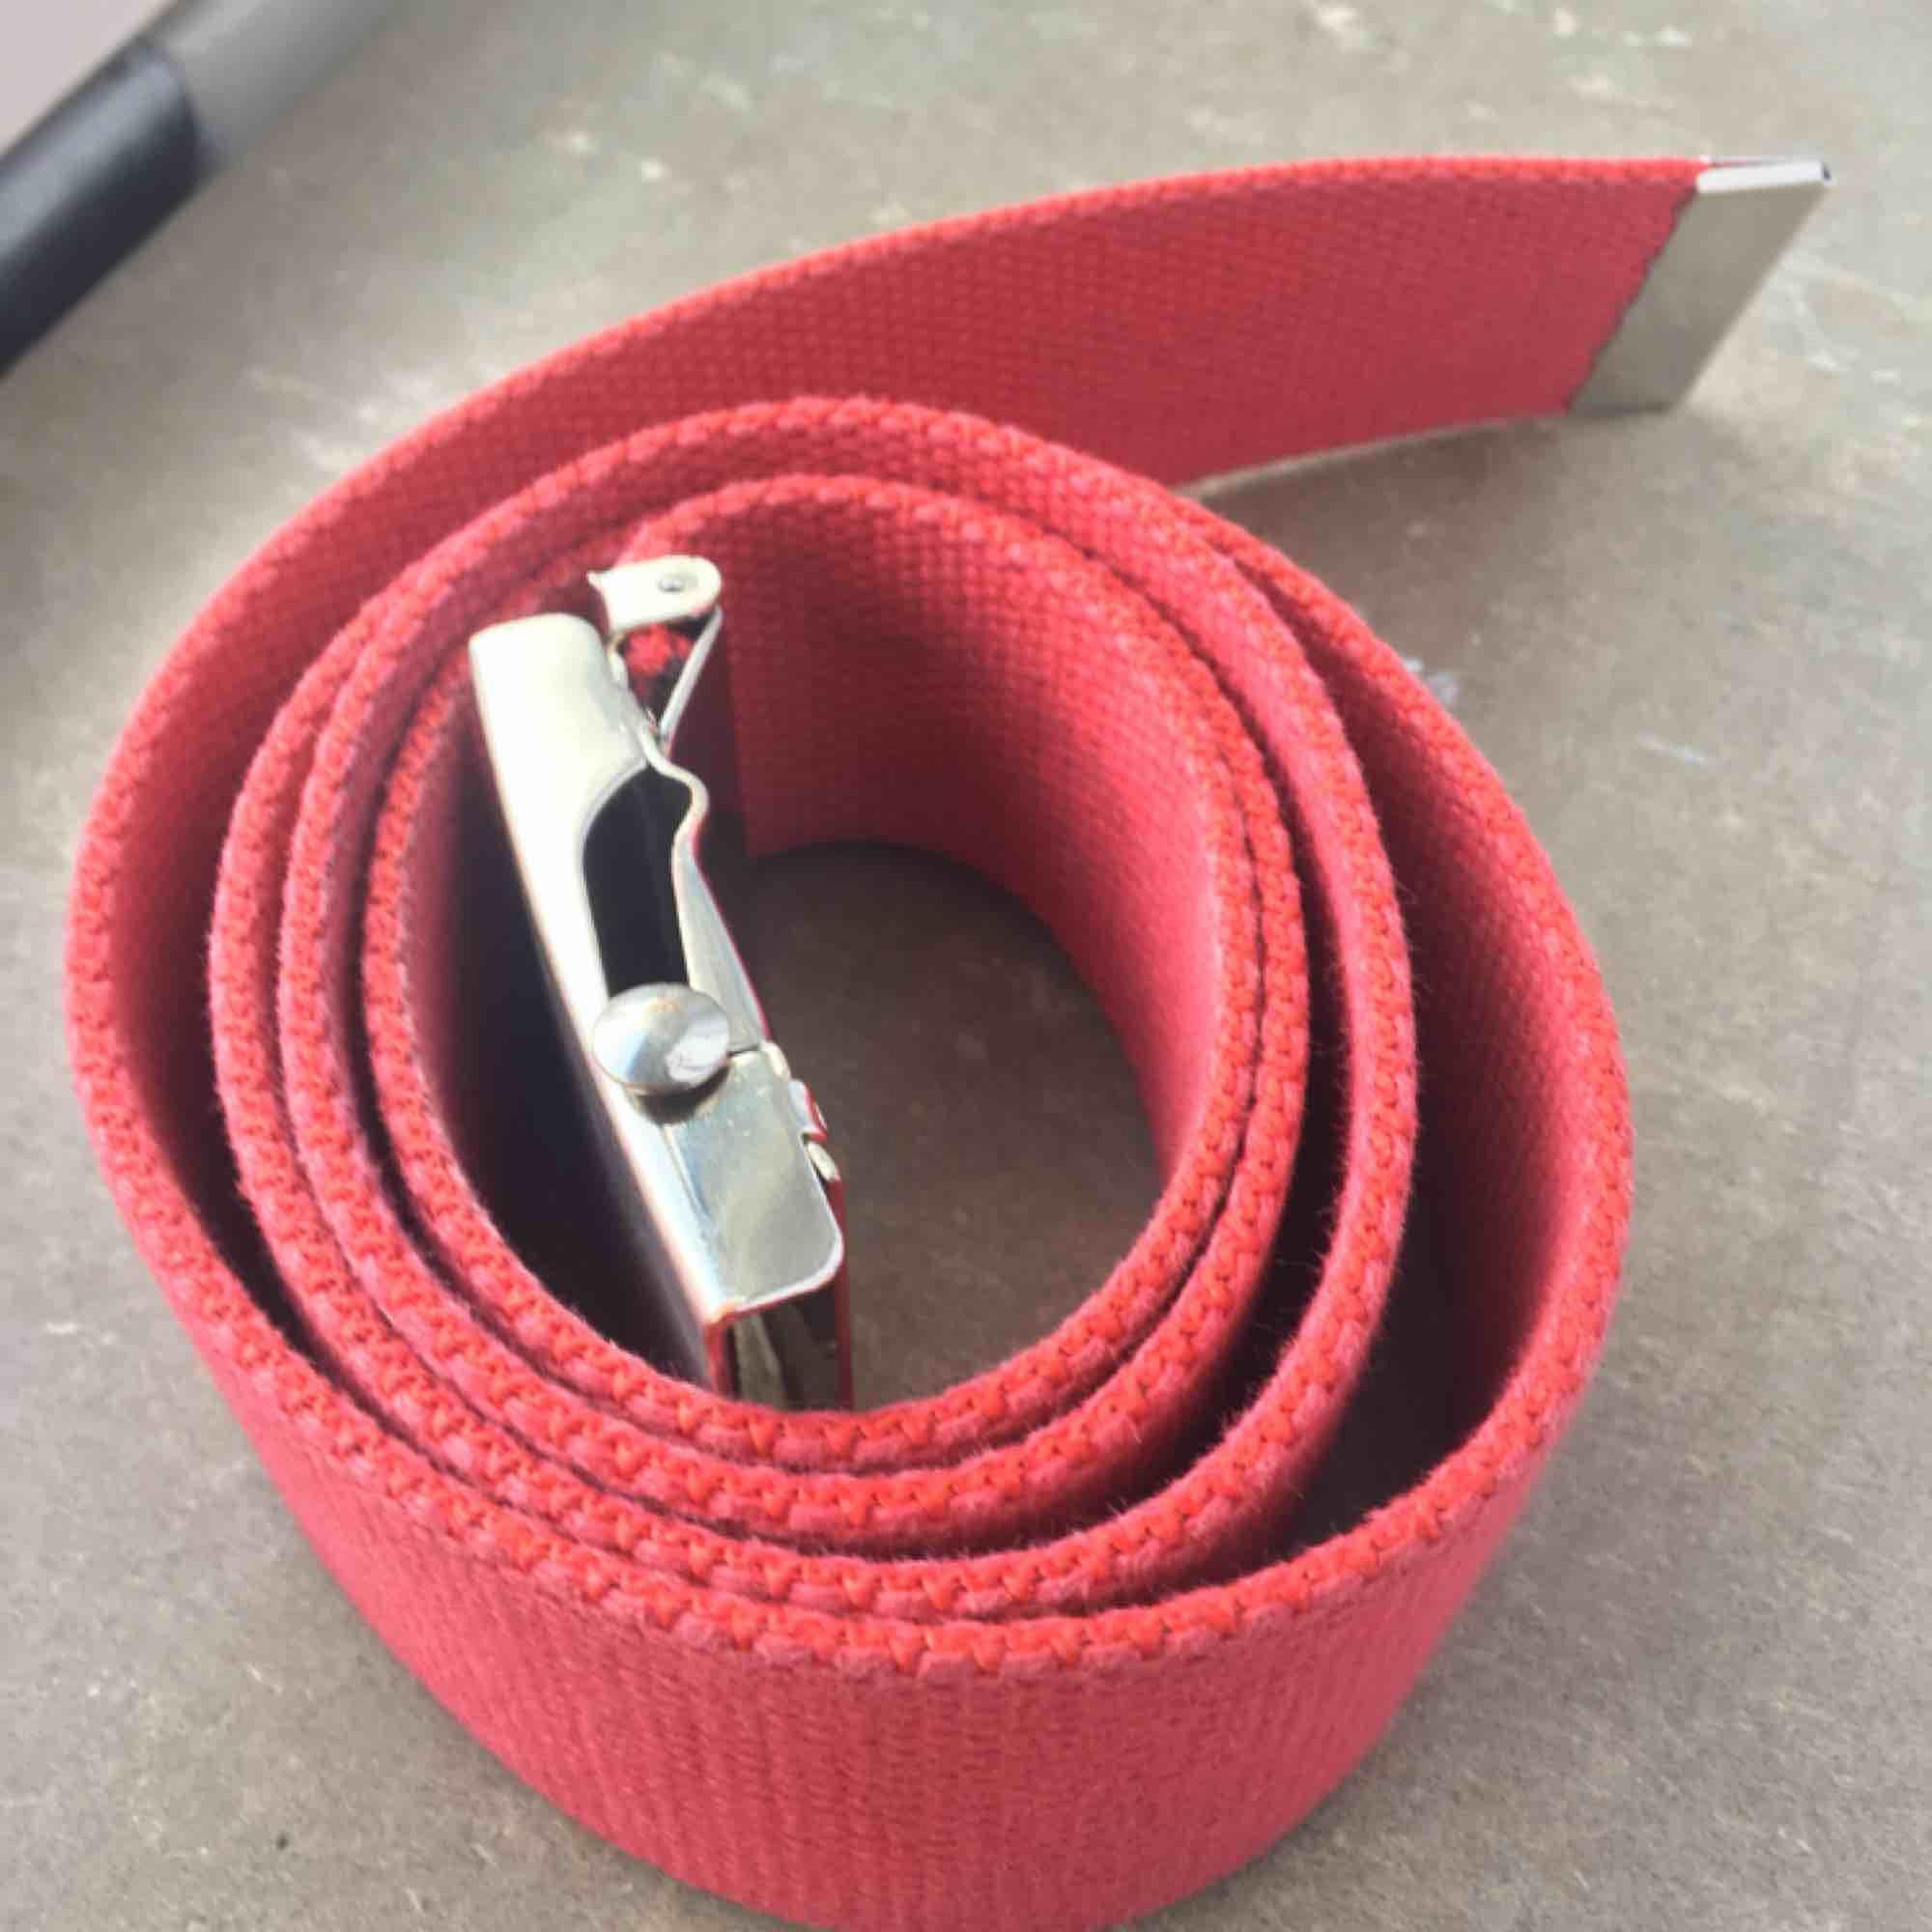 Skitsnyggt rött skärp med silverfärgat spänne, i bra skick.. Accessoarer.